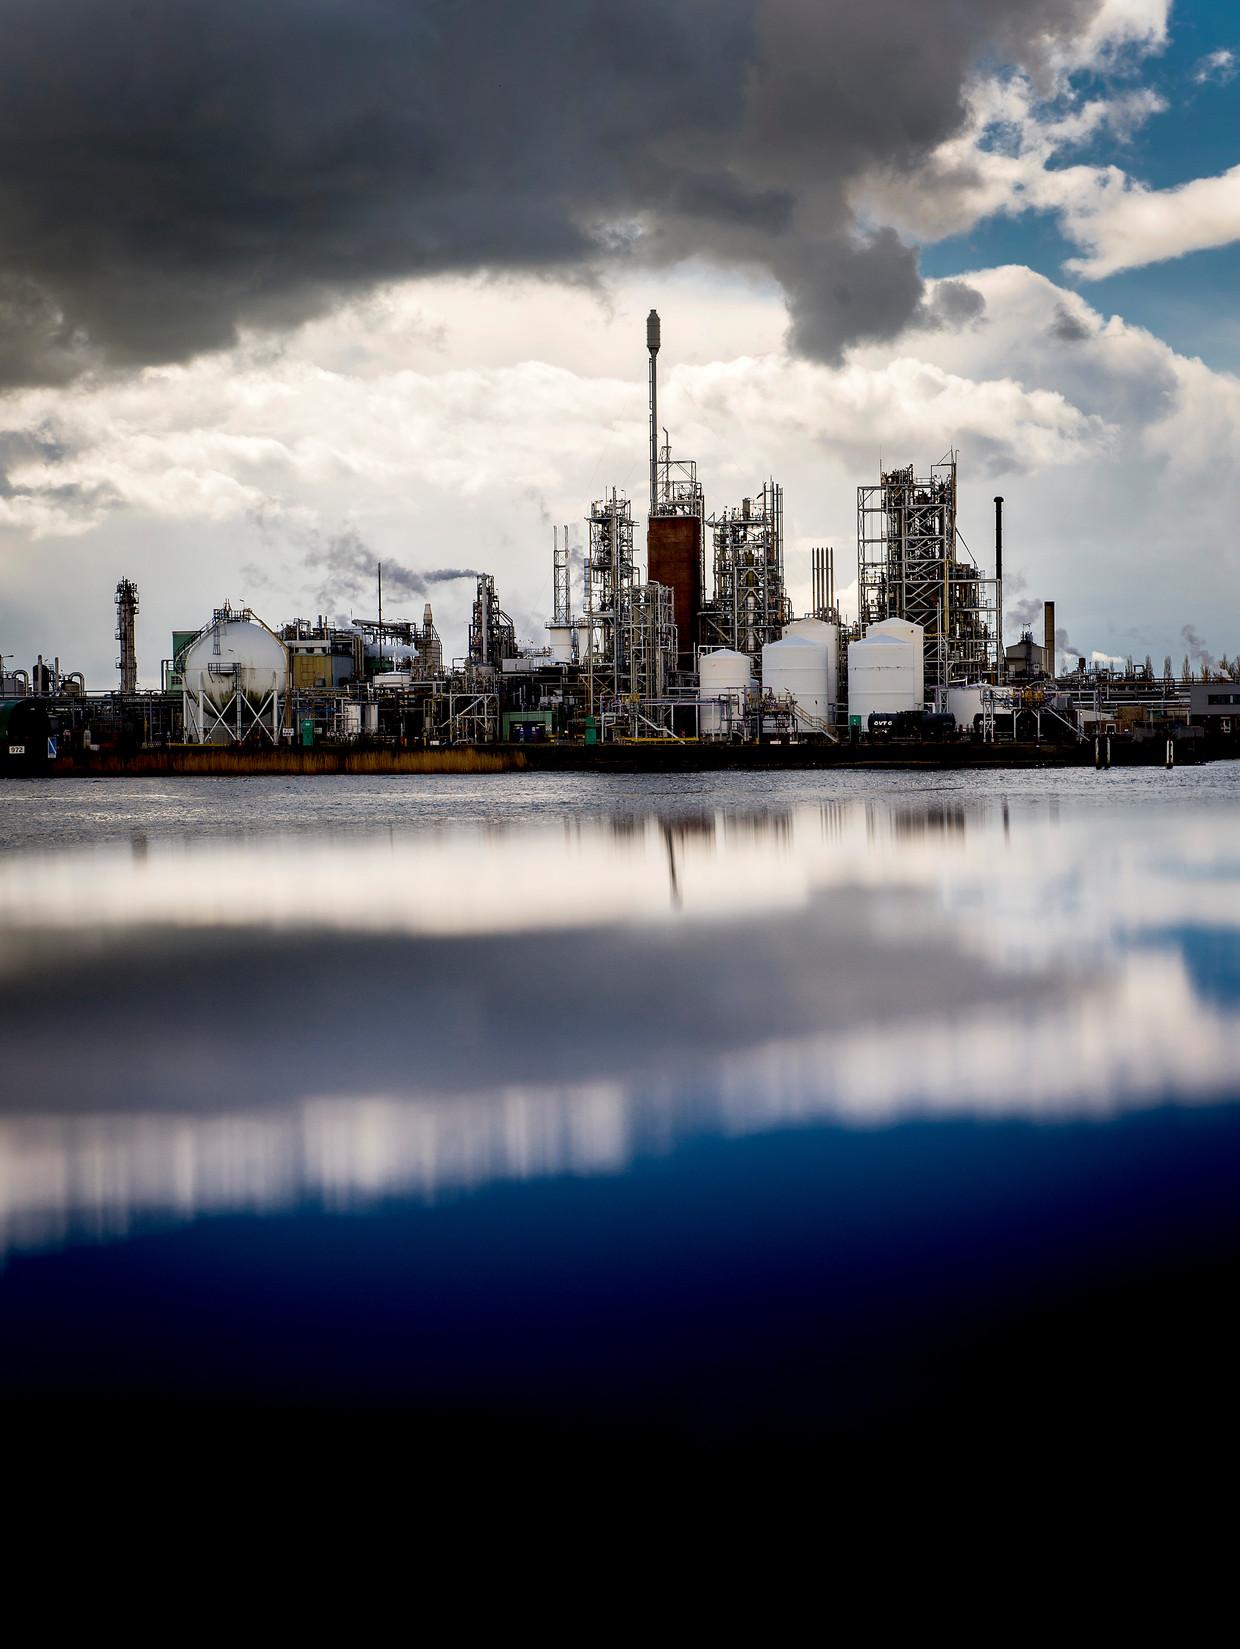 Teflonfabriek Chemours in Dordrecht ligt al jaren onder vuur wegens vervuiling van de directe omgeving.